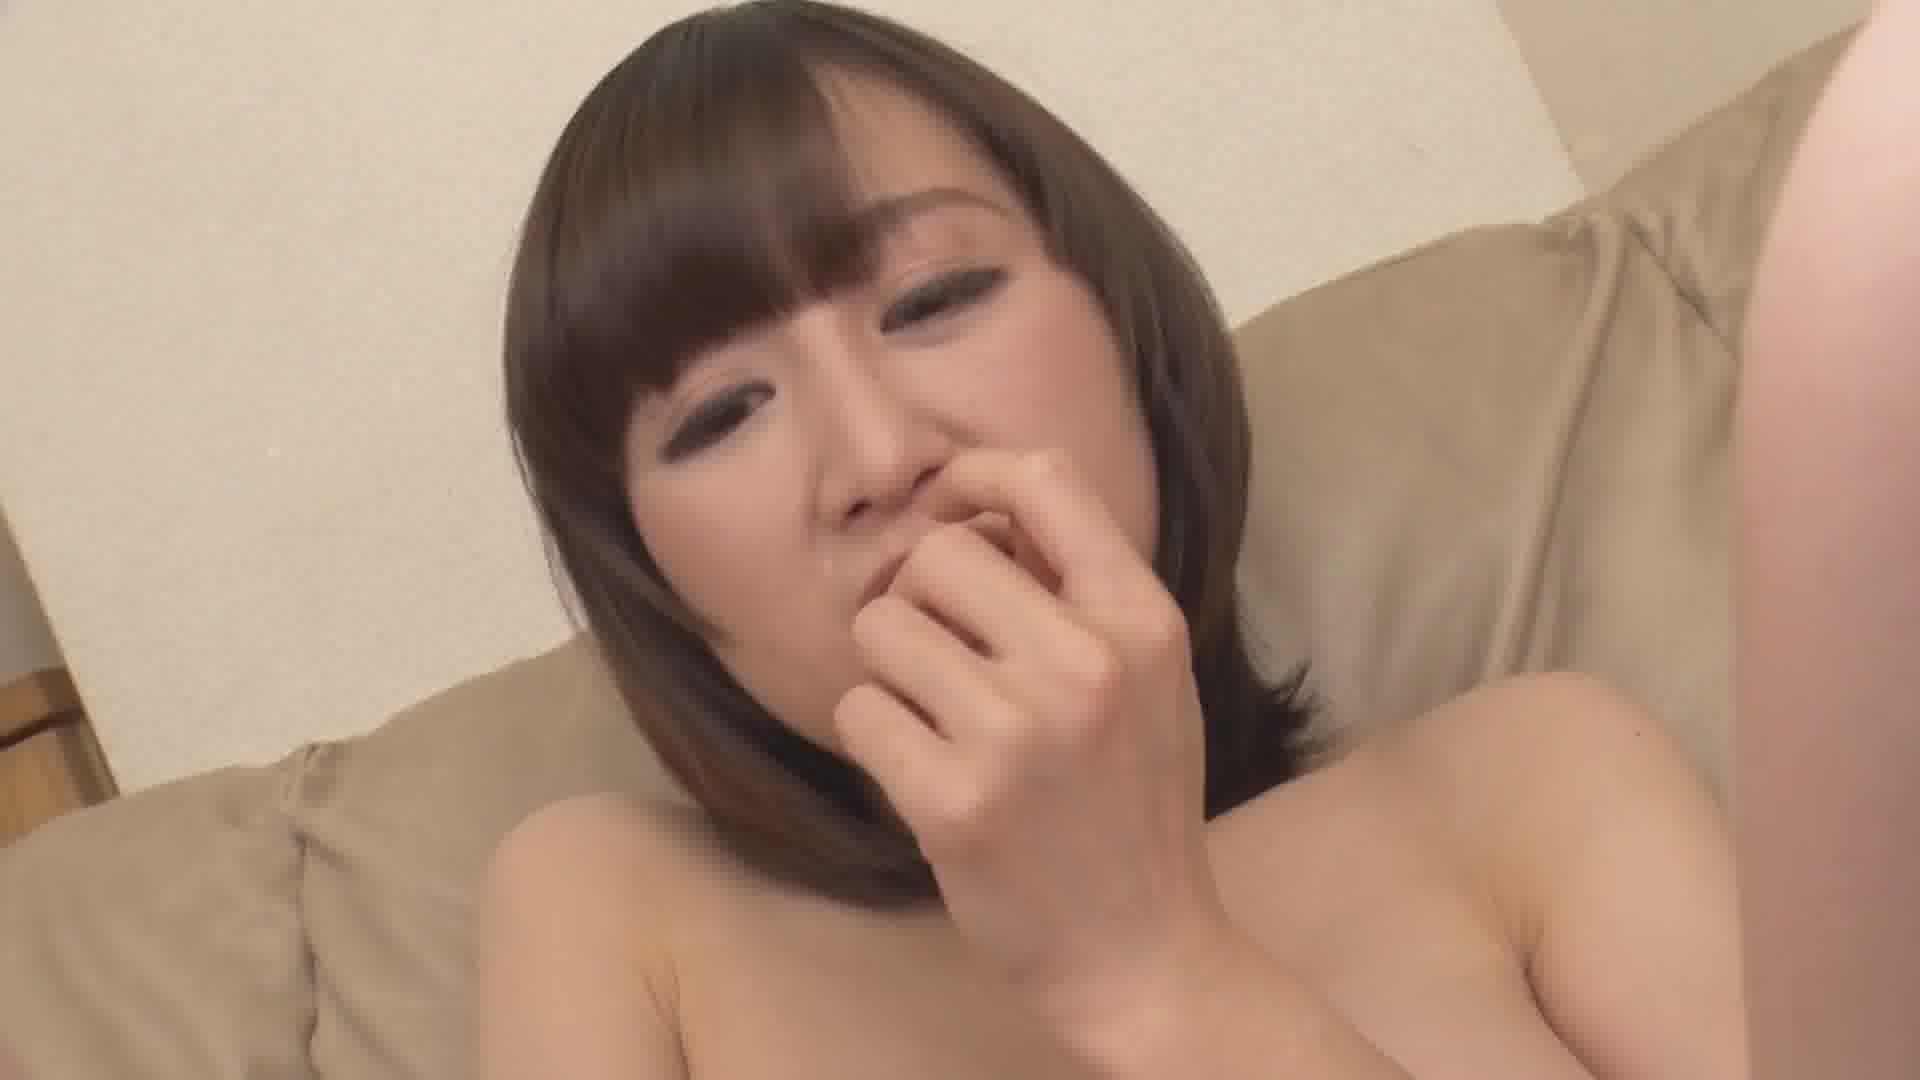 顔射に興奮する下から目線のドM美女 - 三花れな【巨乳・スレンダー・顔射】